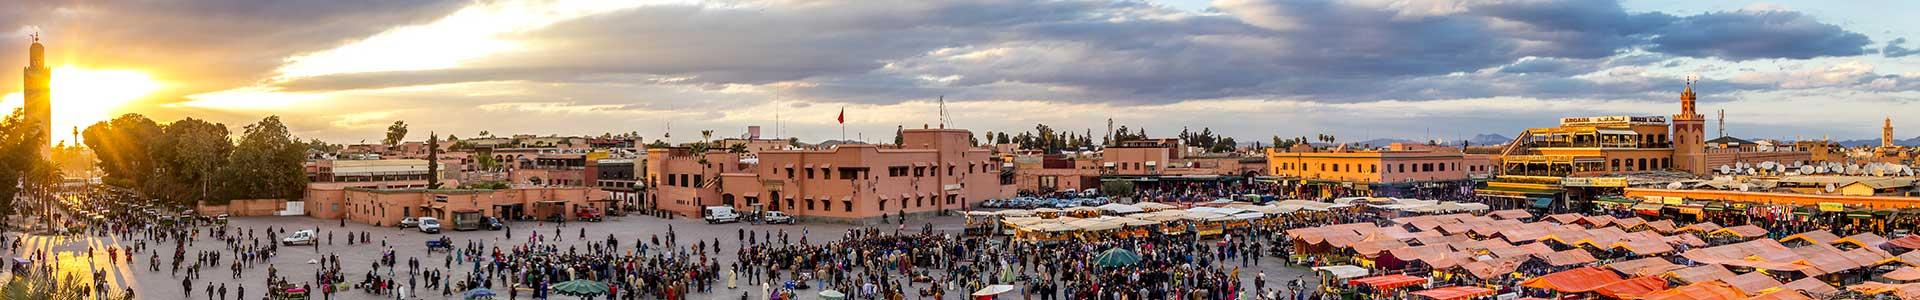 Voyage Marrakech - TUI